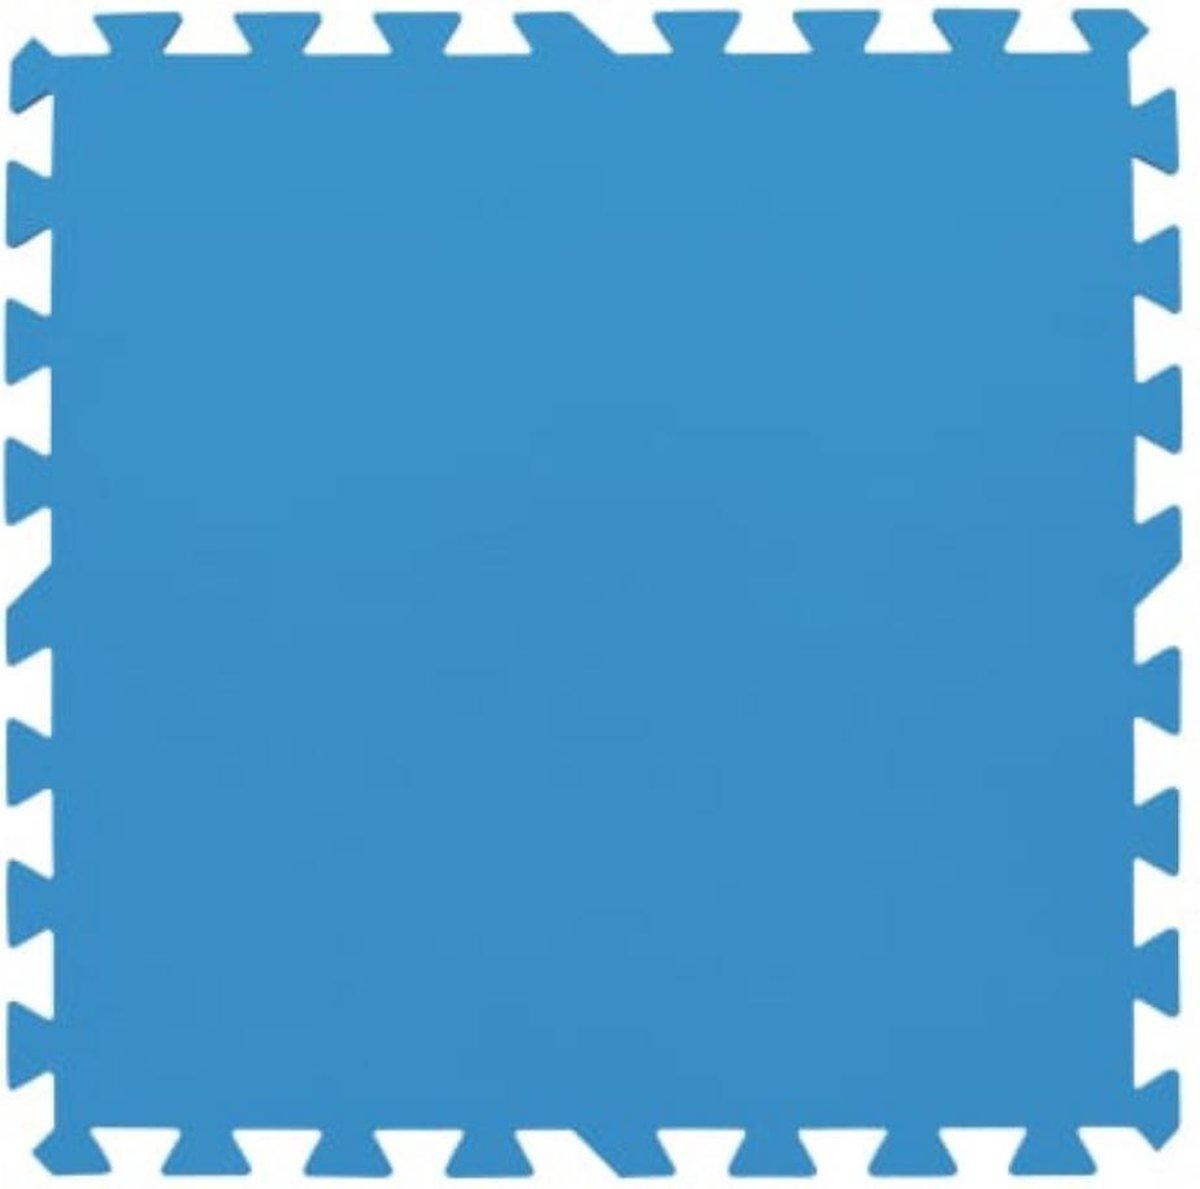 NEKA - Zwembadtegels - Vloertegels - Ondertegels - Fitnestegels - 8 Stuks - 50 x 50 x 0,4 cm - Blauw - Foam